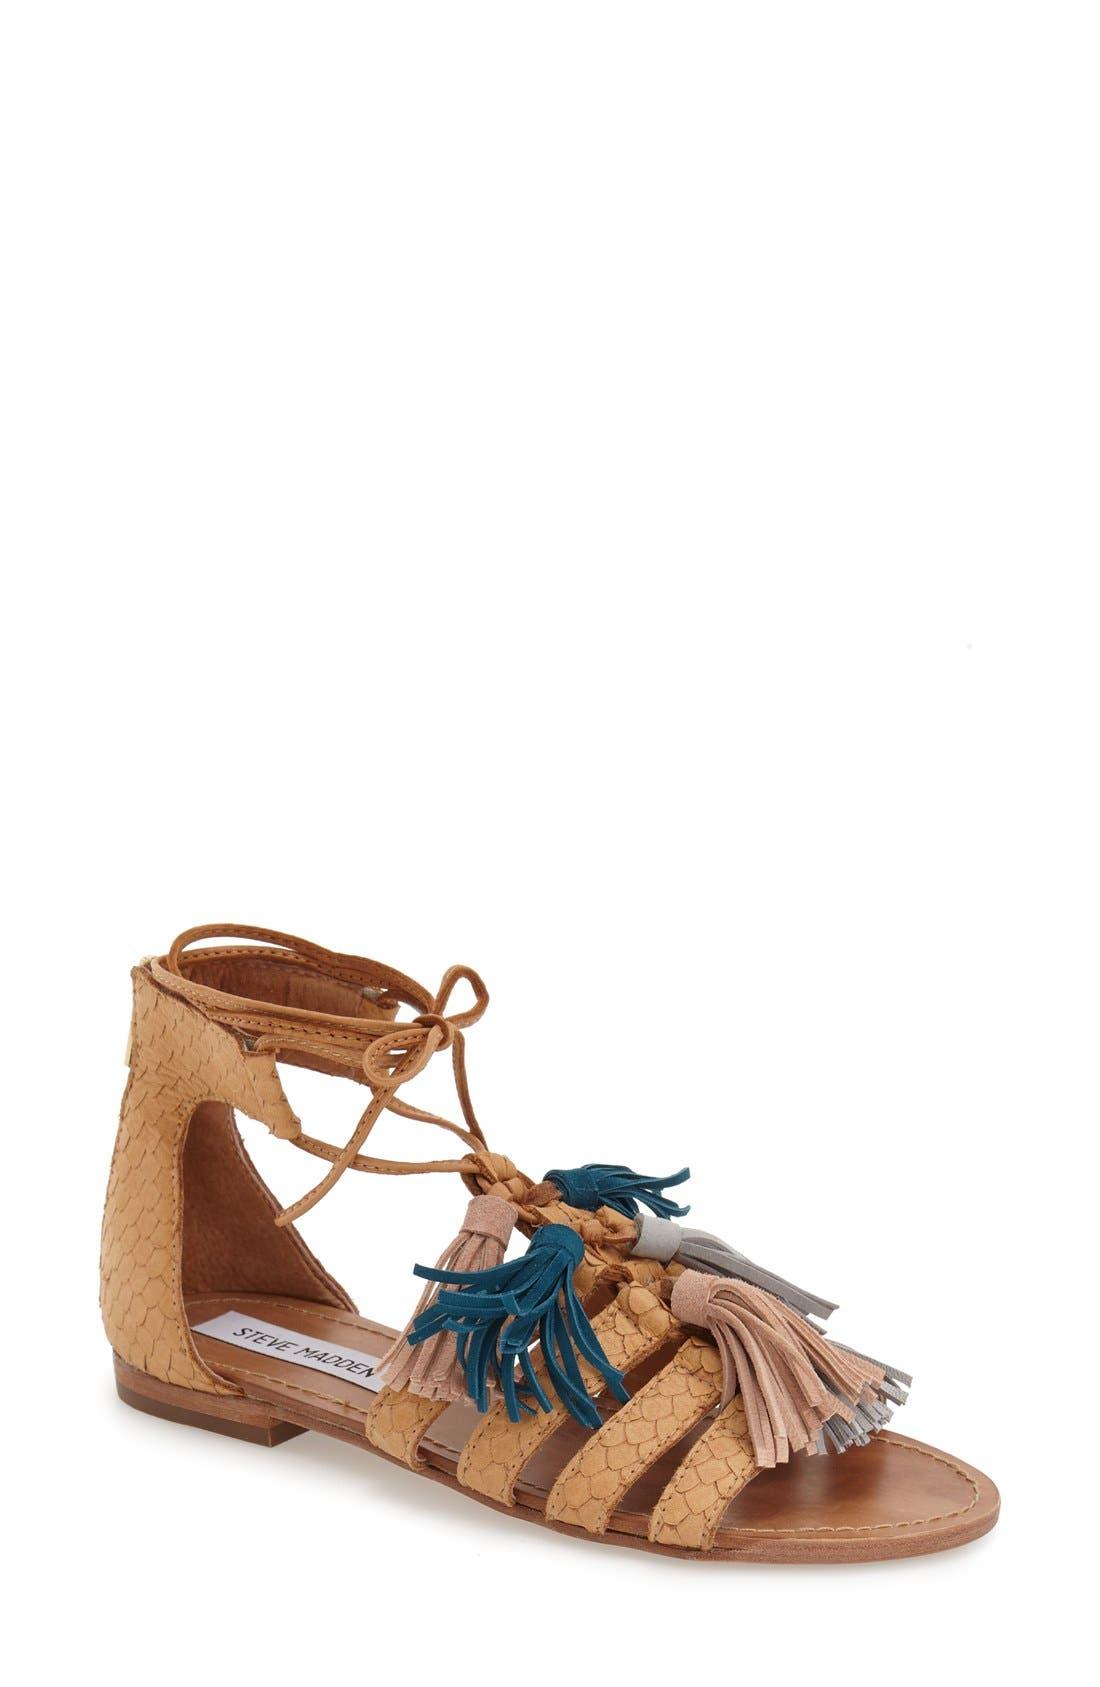 Alternate Image 1 Selected - Steve Madden 'Monrowe' Tassel Sandal (Women)